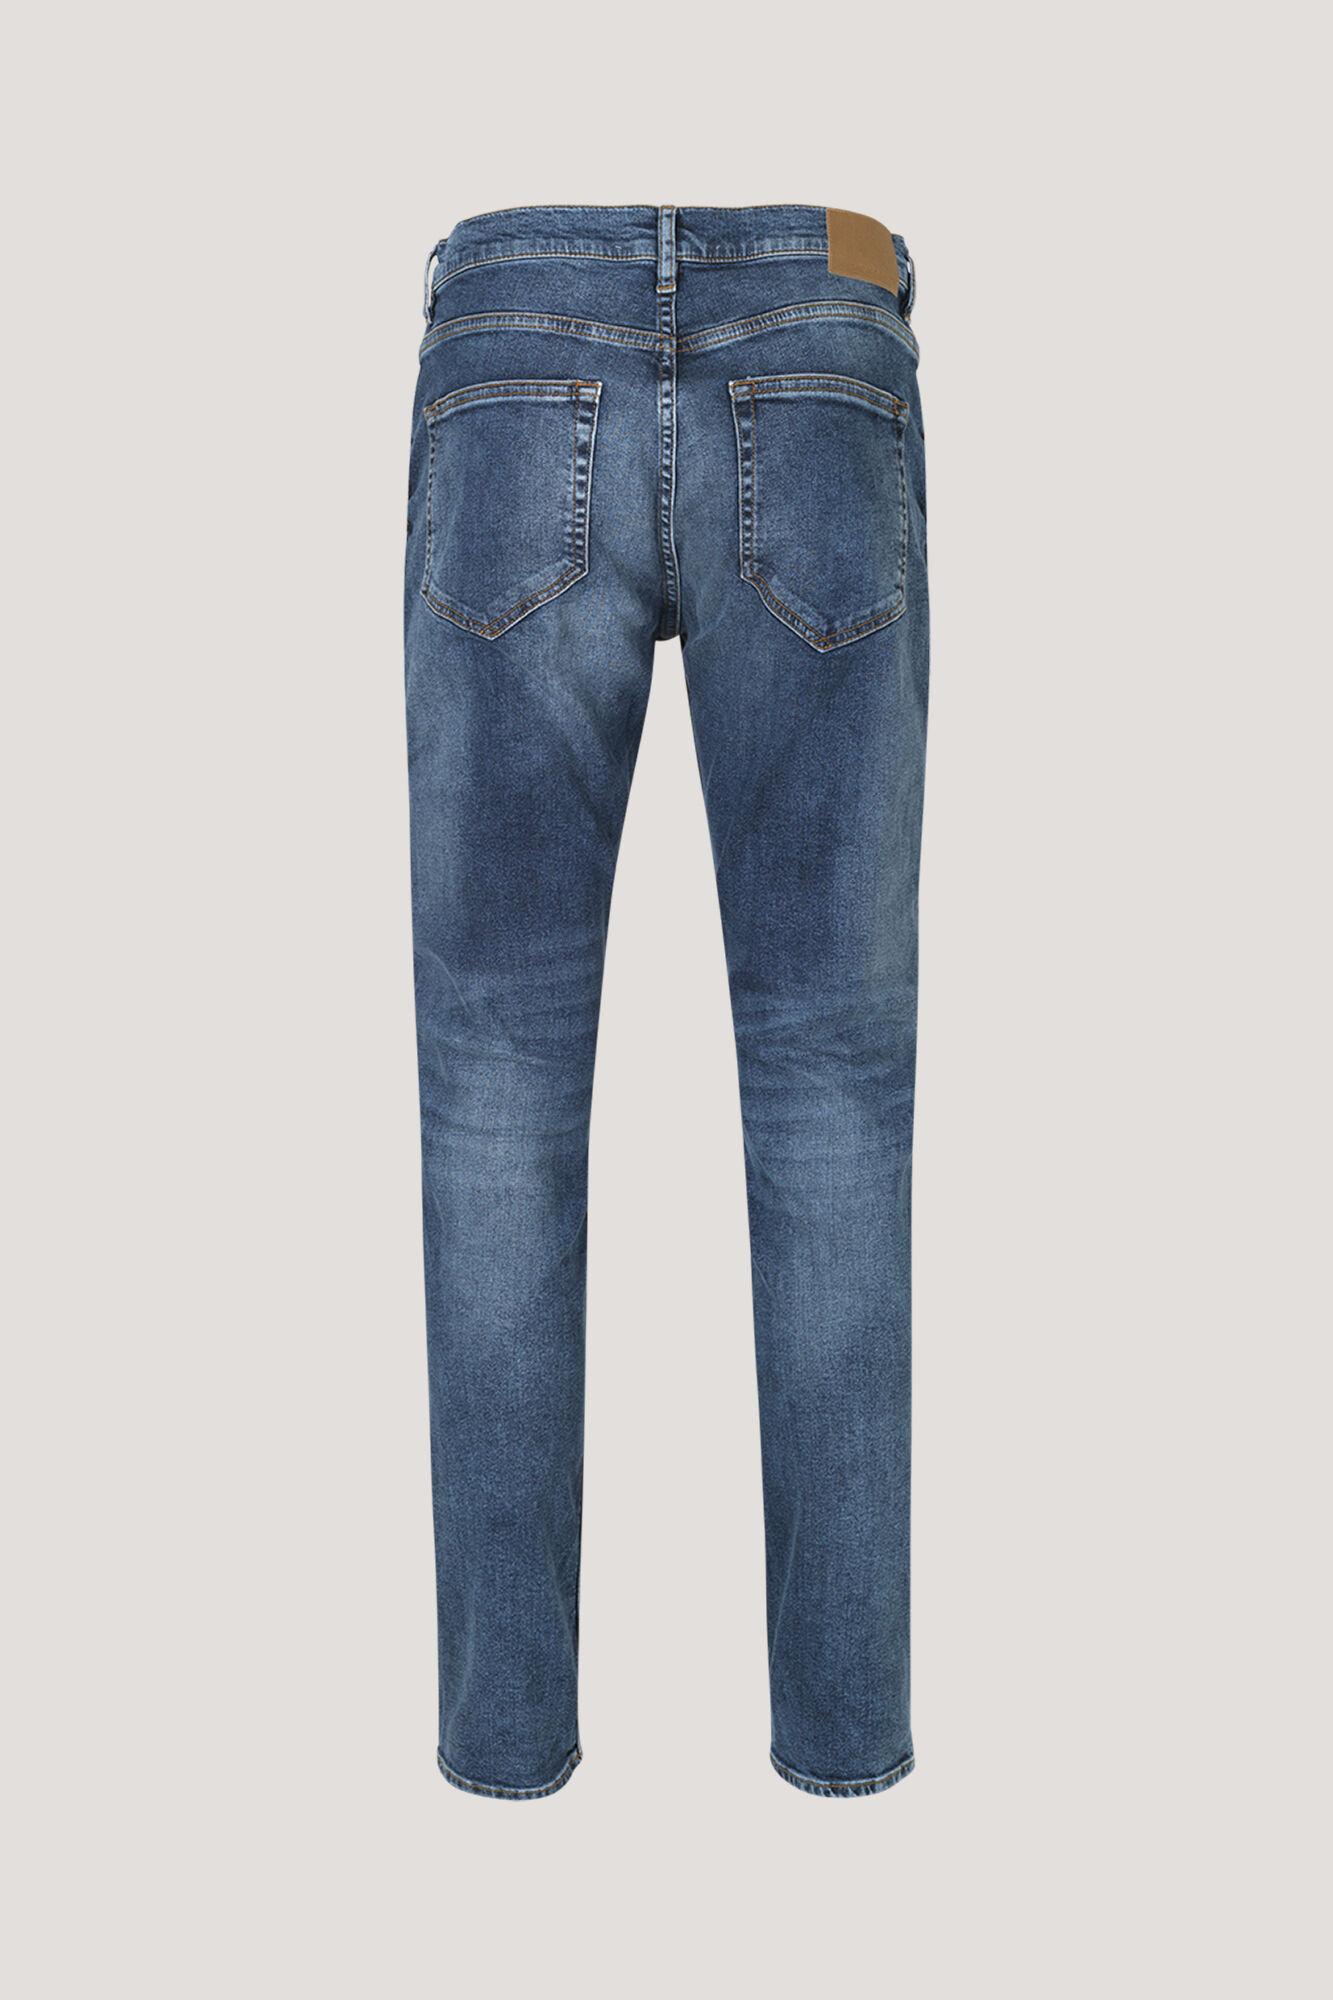 Stefan jeans 10247